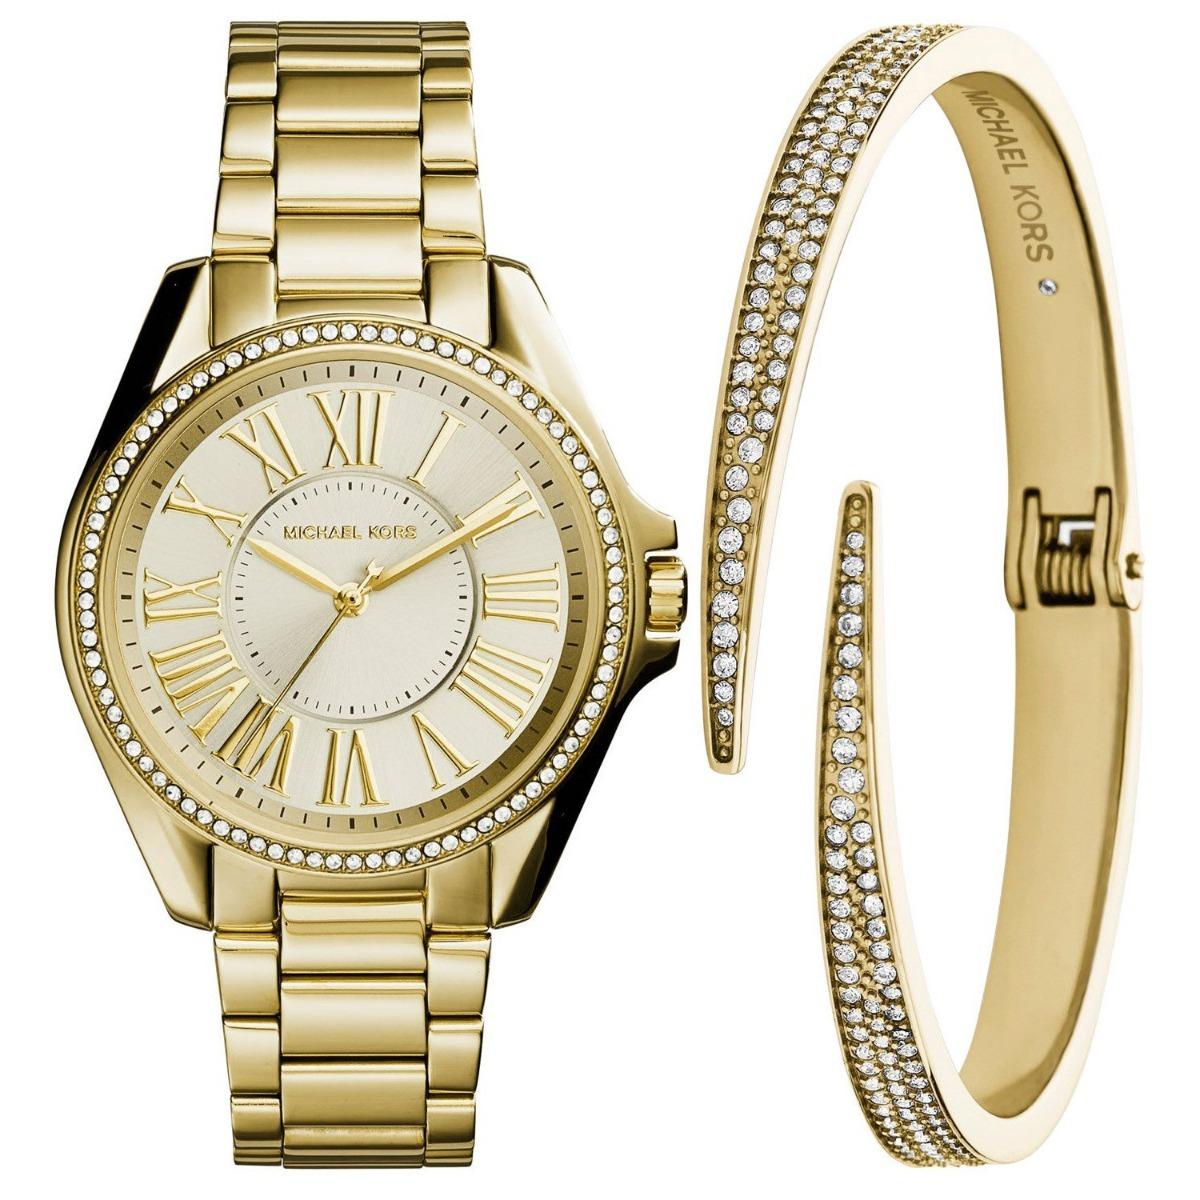 9336842e3c6 michael kors mk3568 set relógio + bracelete original. Carregando zoom.